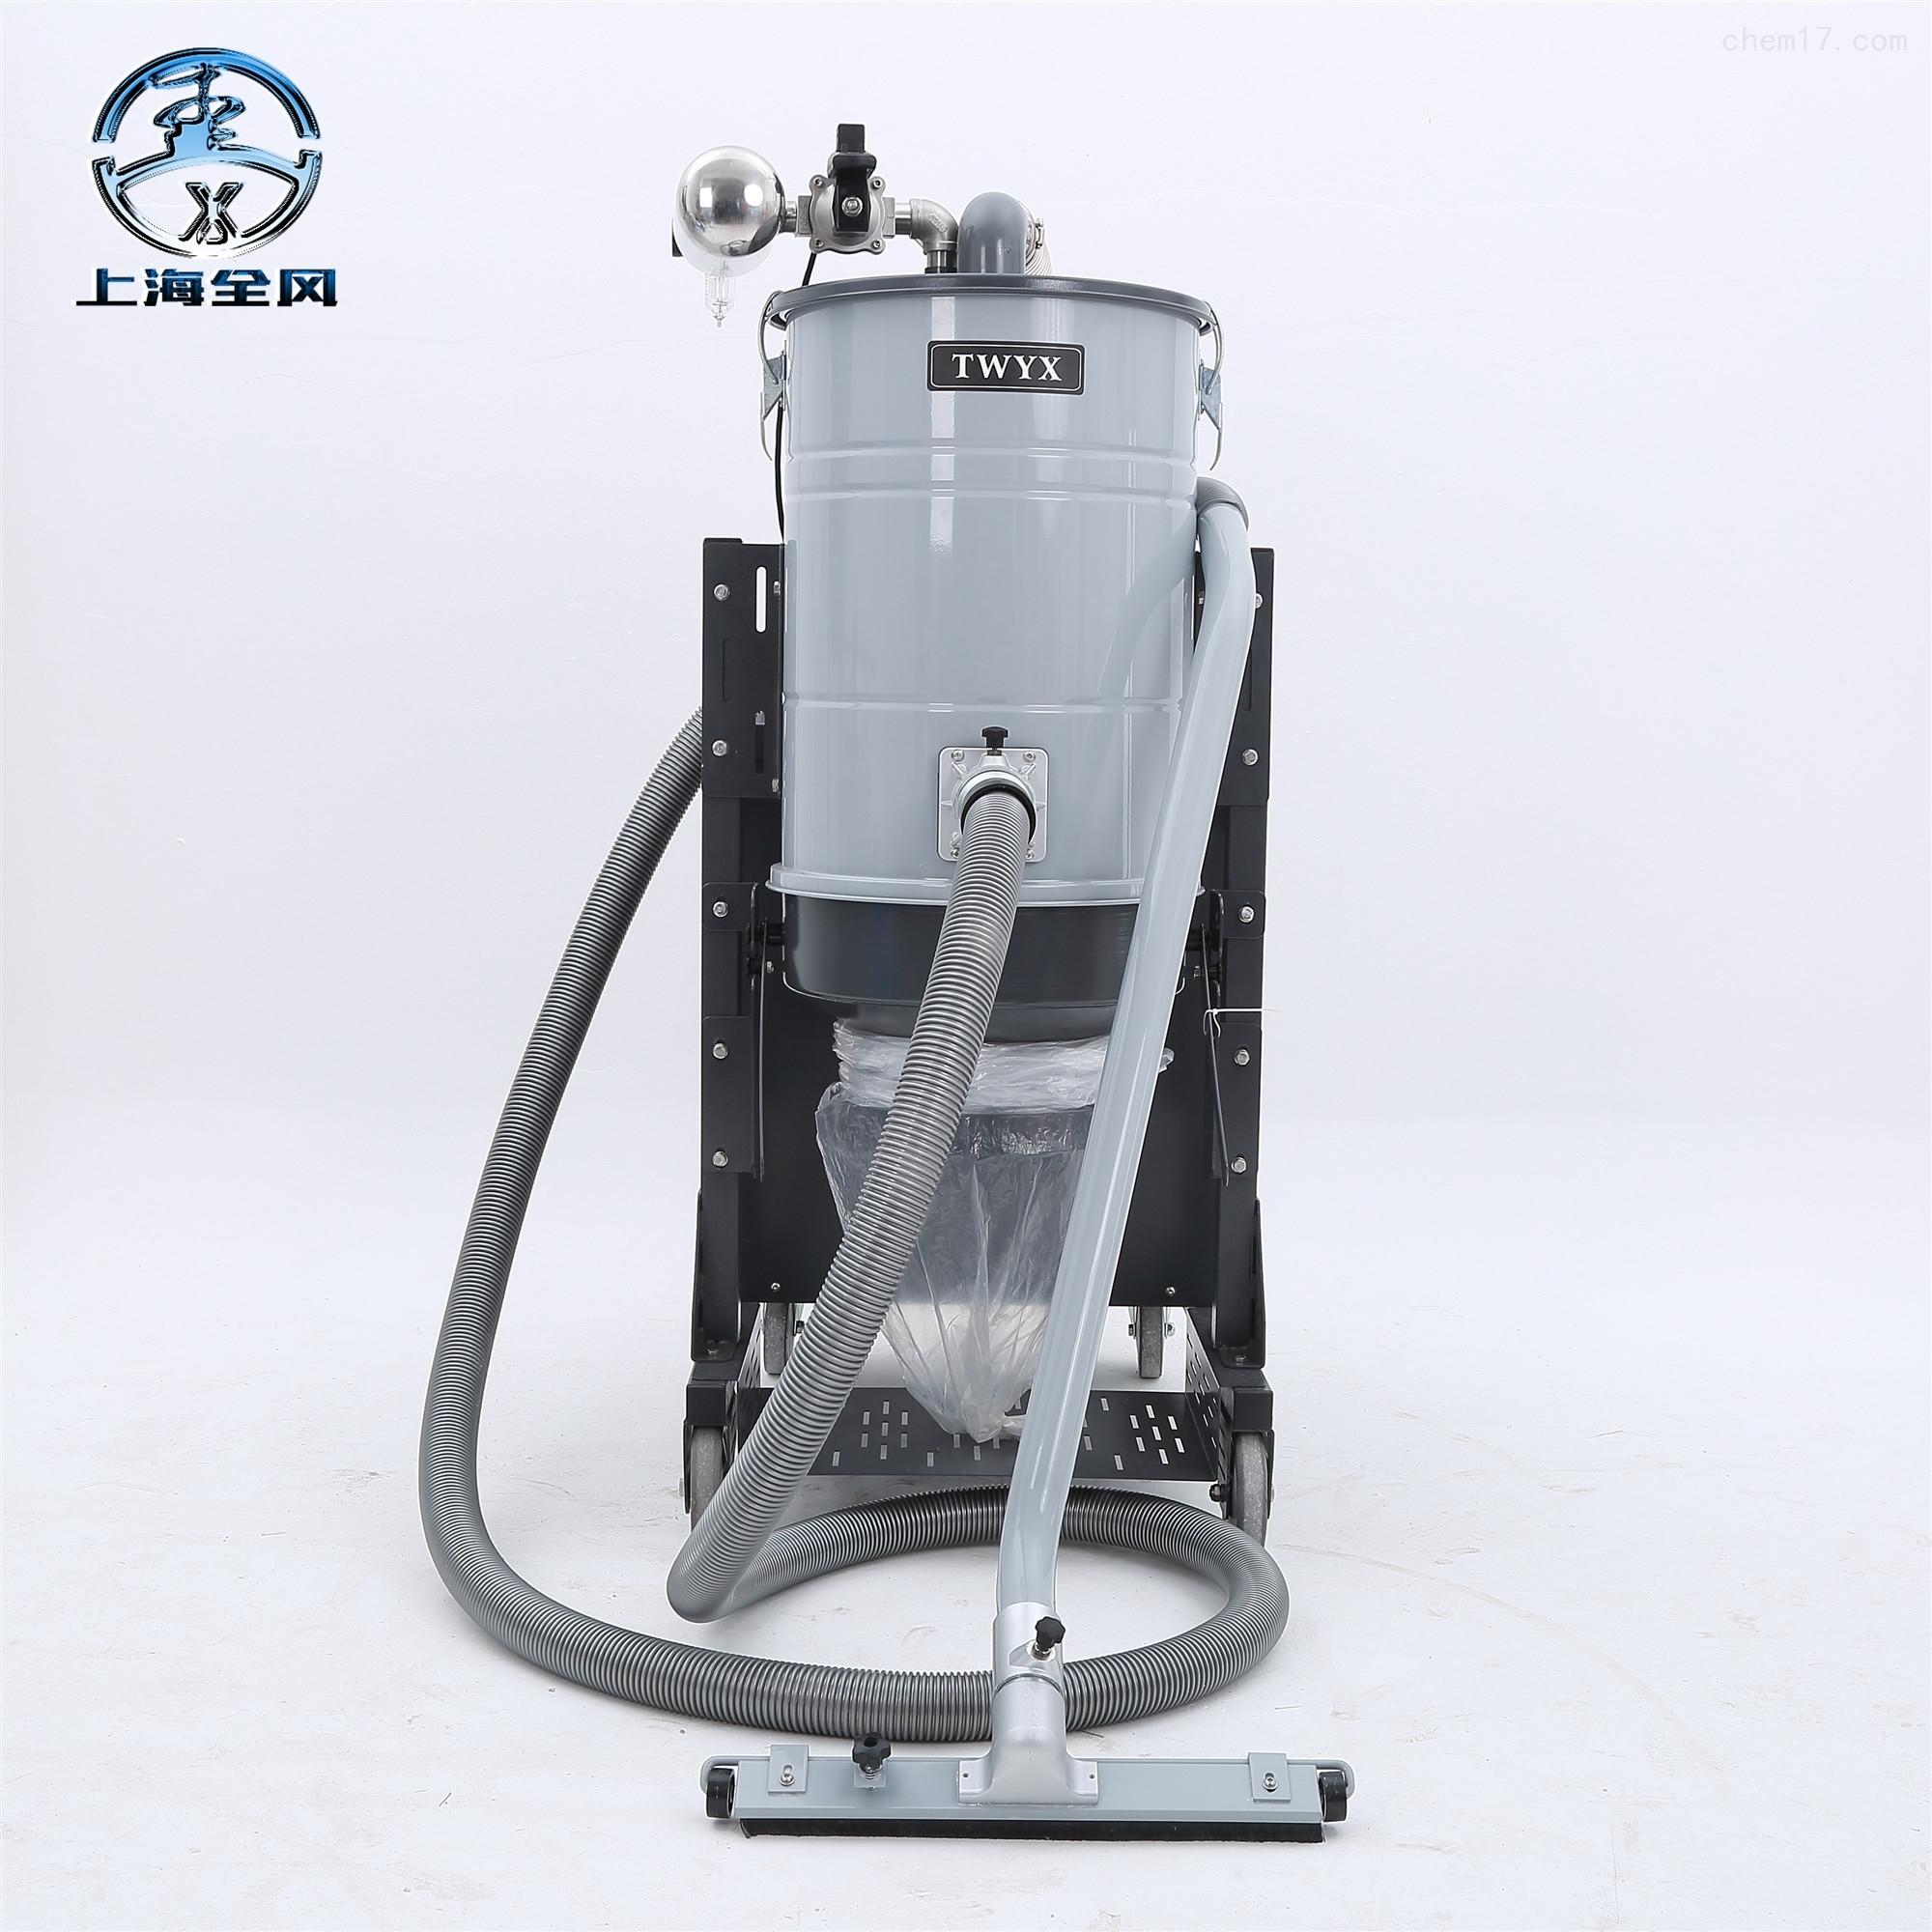 大面积粉尘清理工业吸尘器